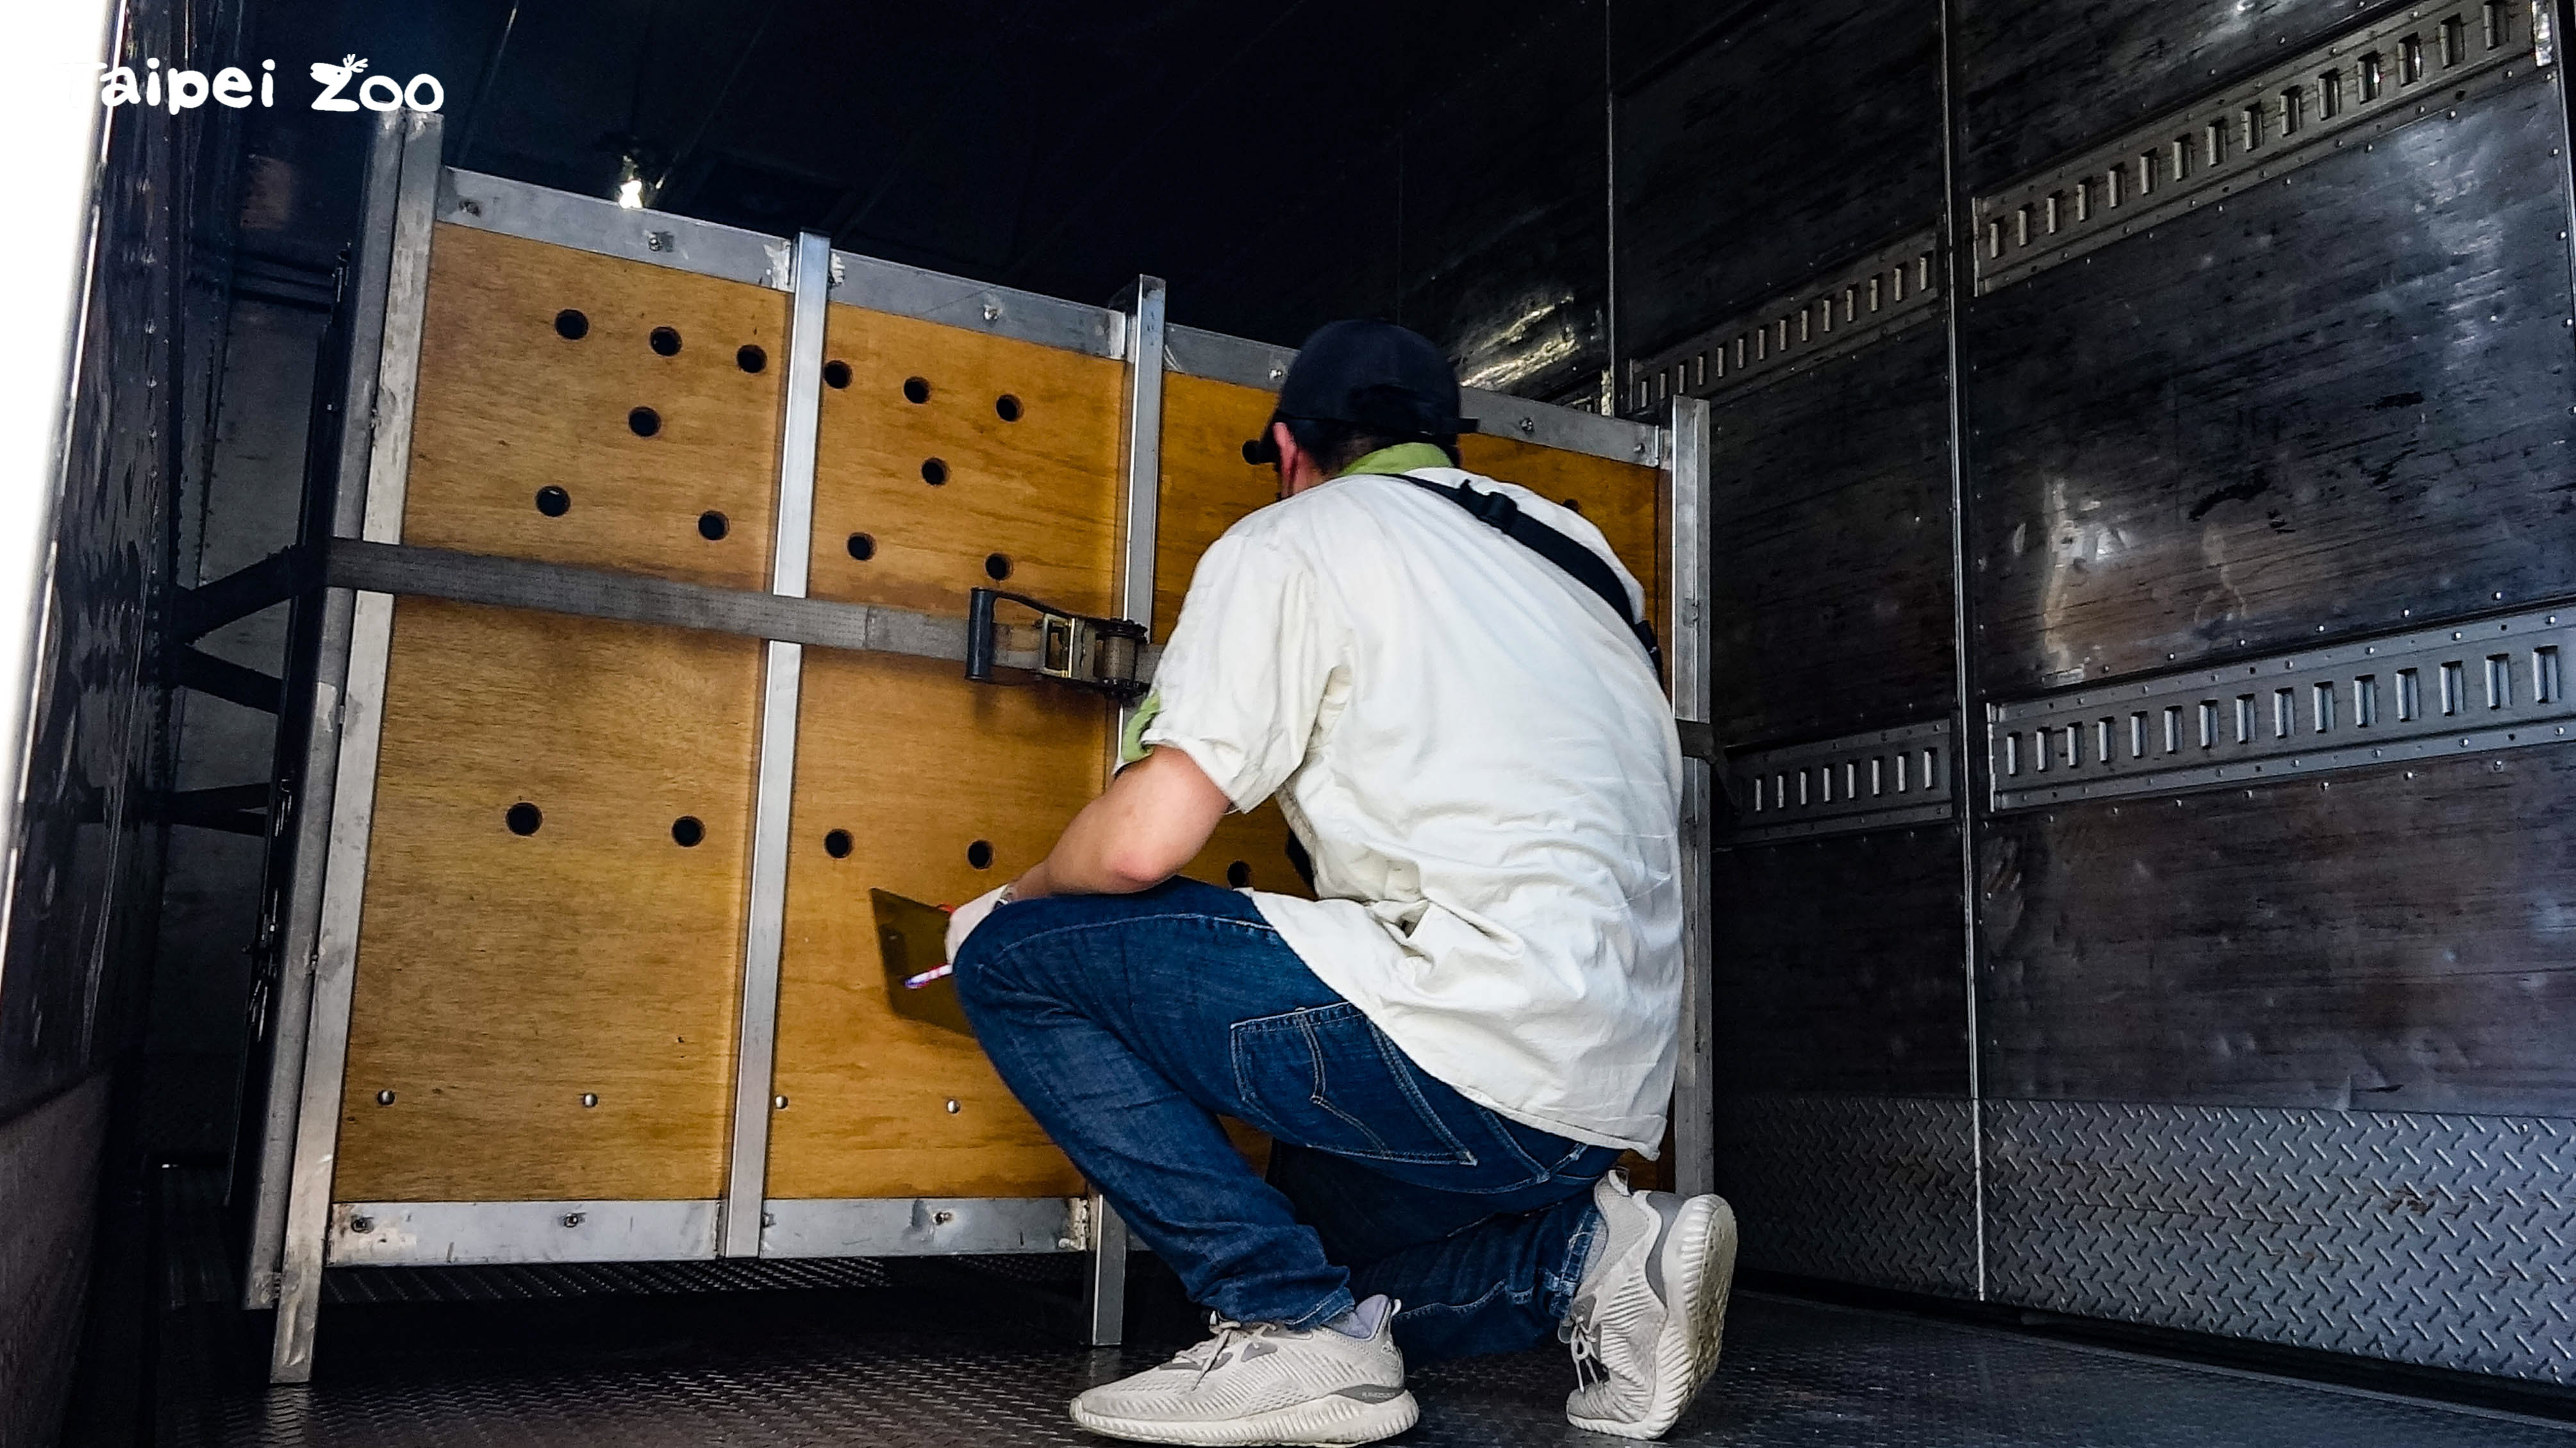 動物進入運輸箱籠後,獸醫師透過孔隙觀察牠們的狀況